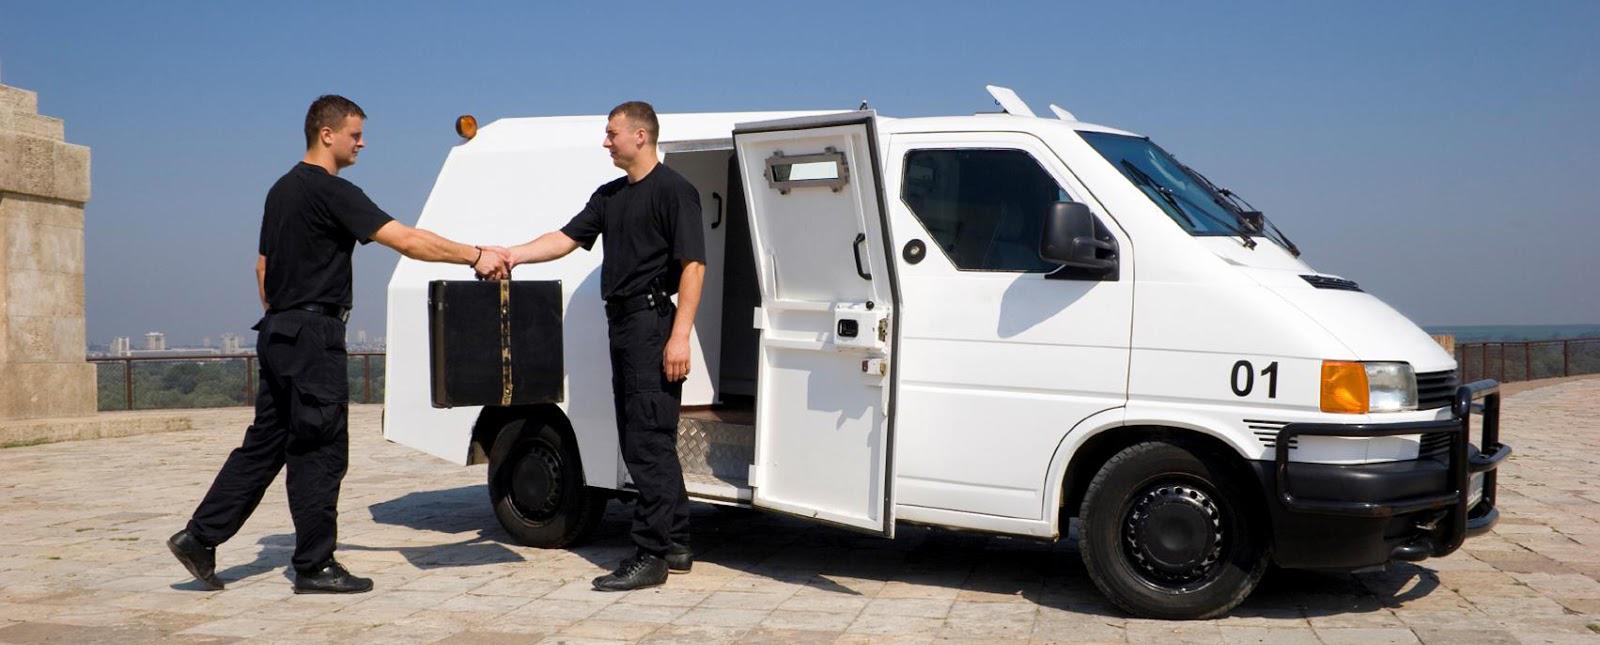 охранные услуги - сопровождение ценностей